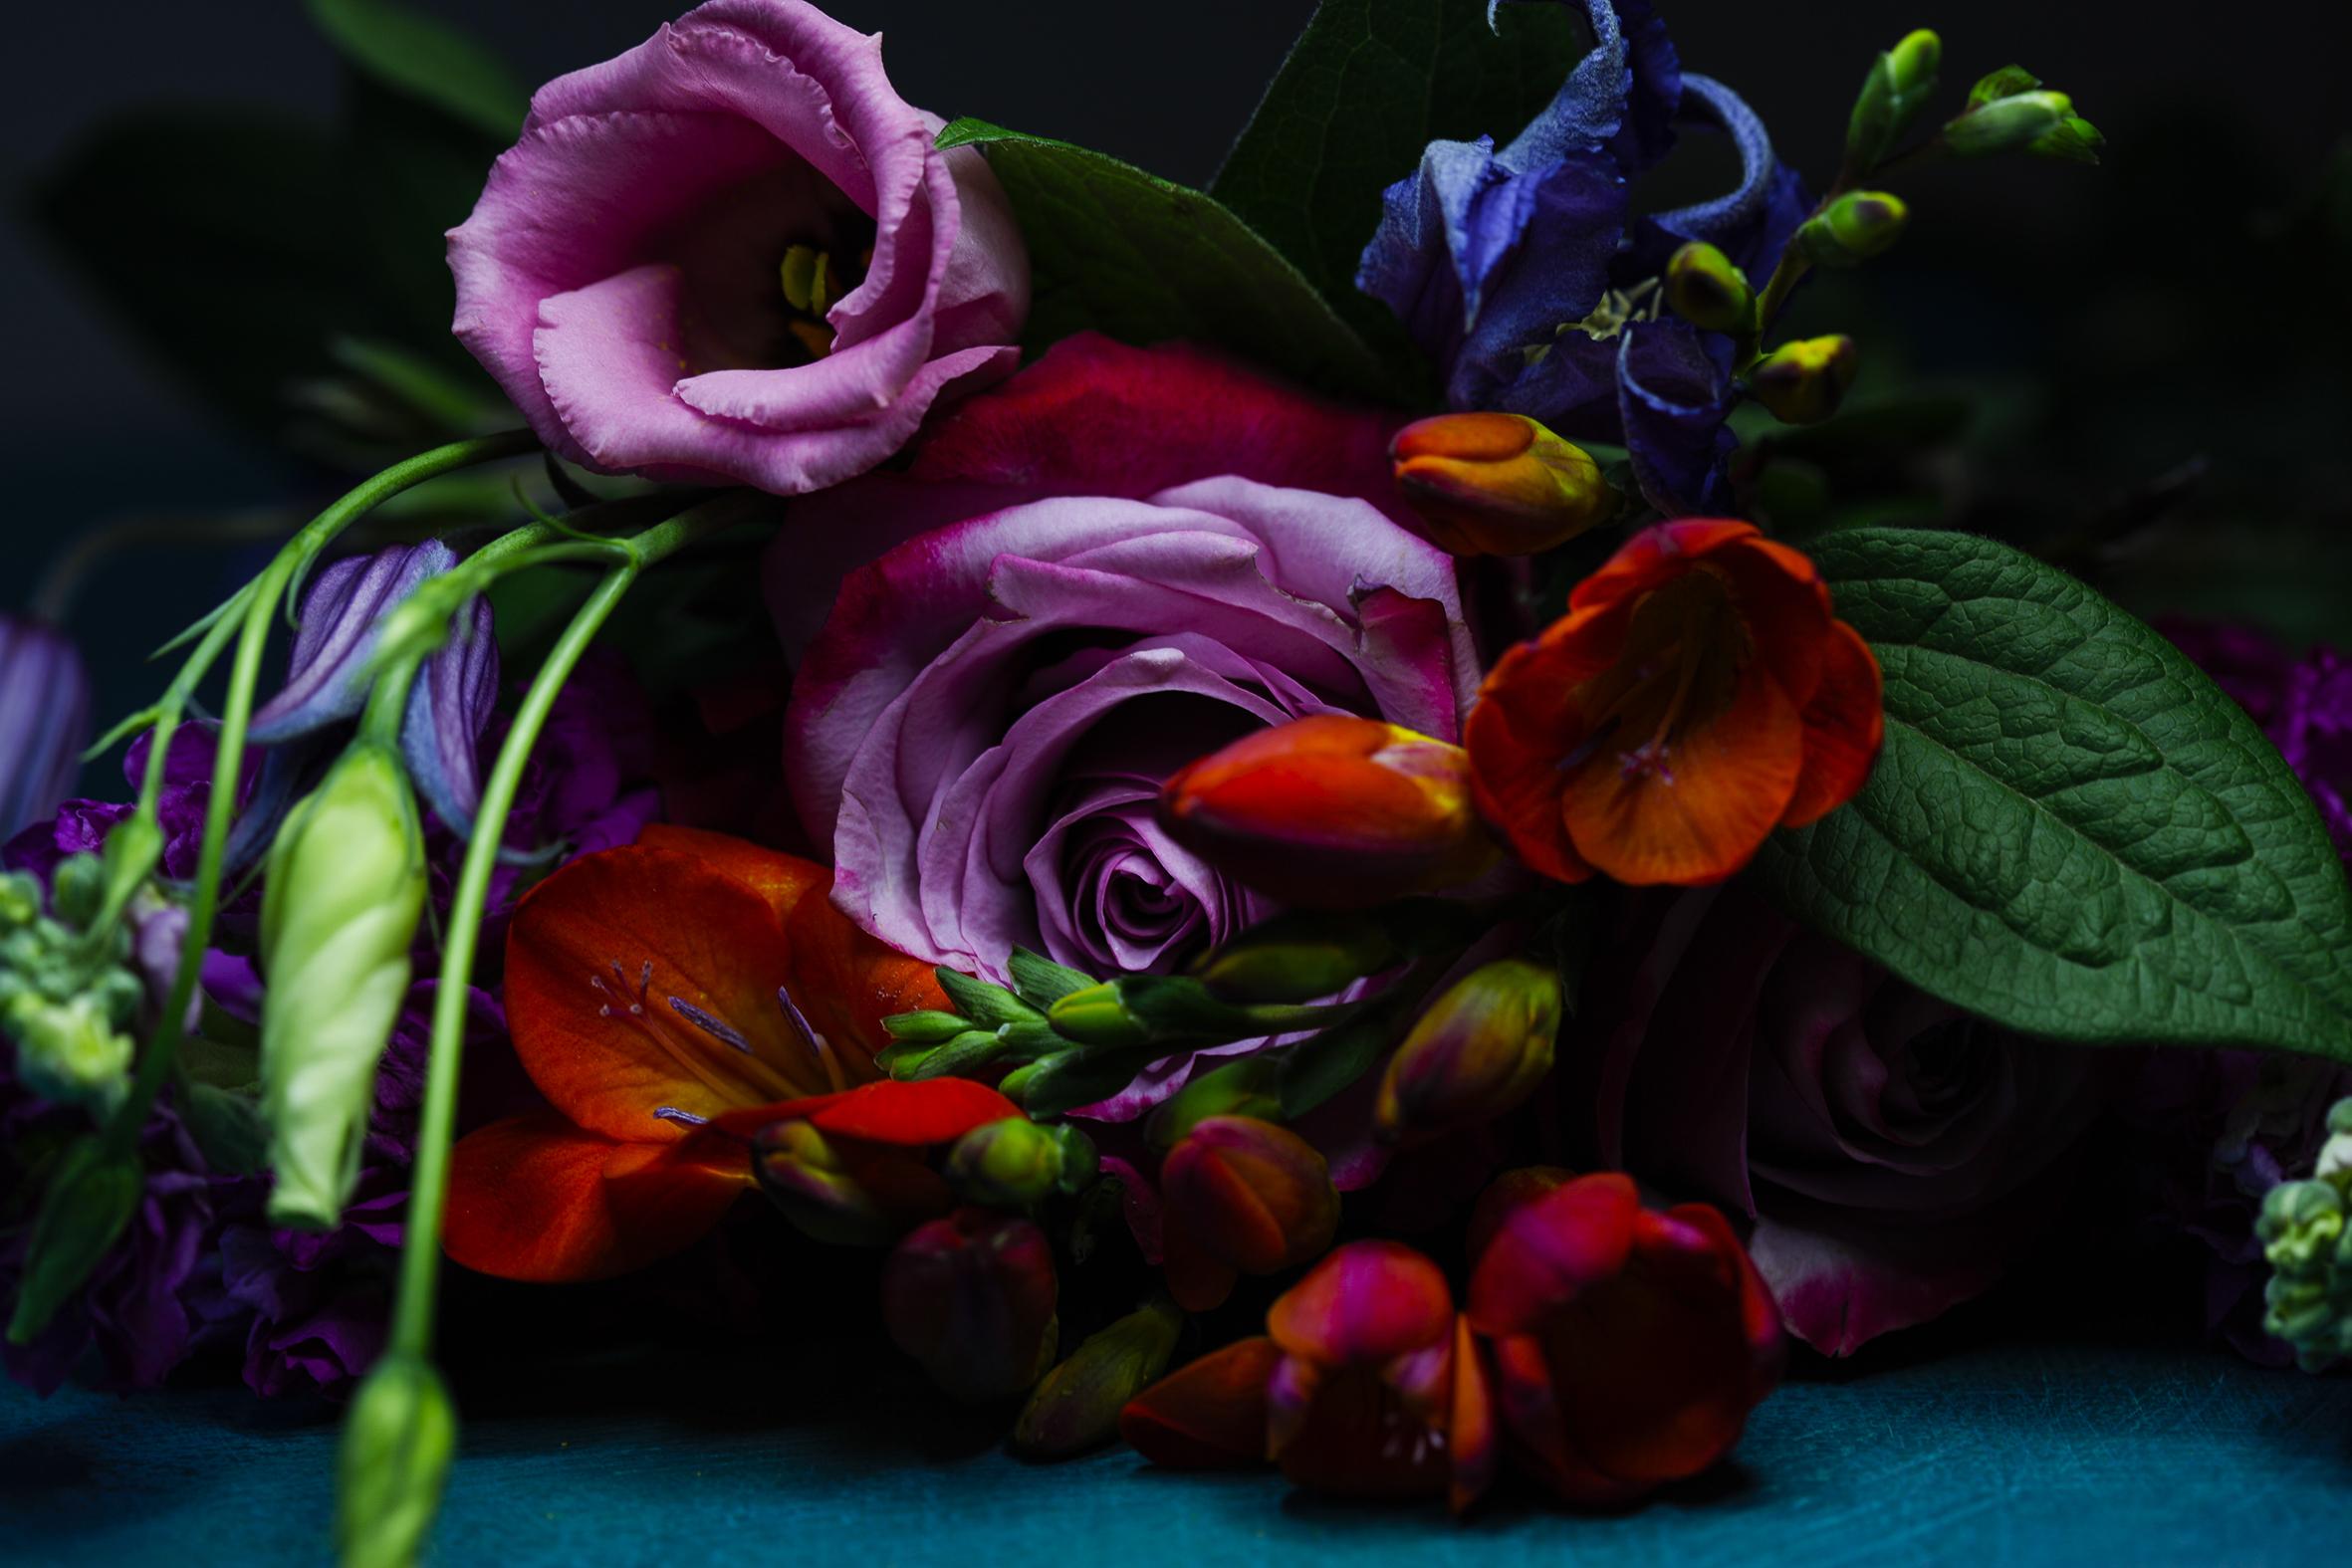 D&G inspired flowers